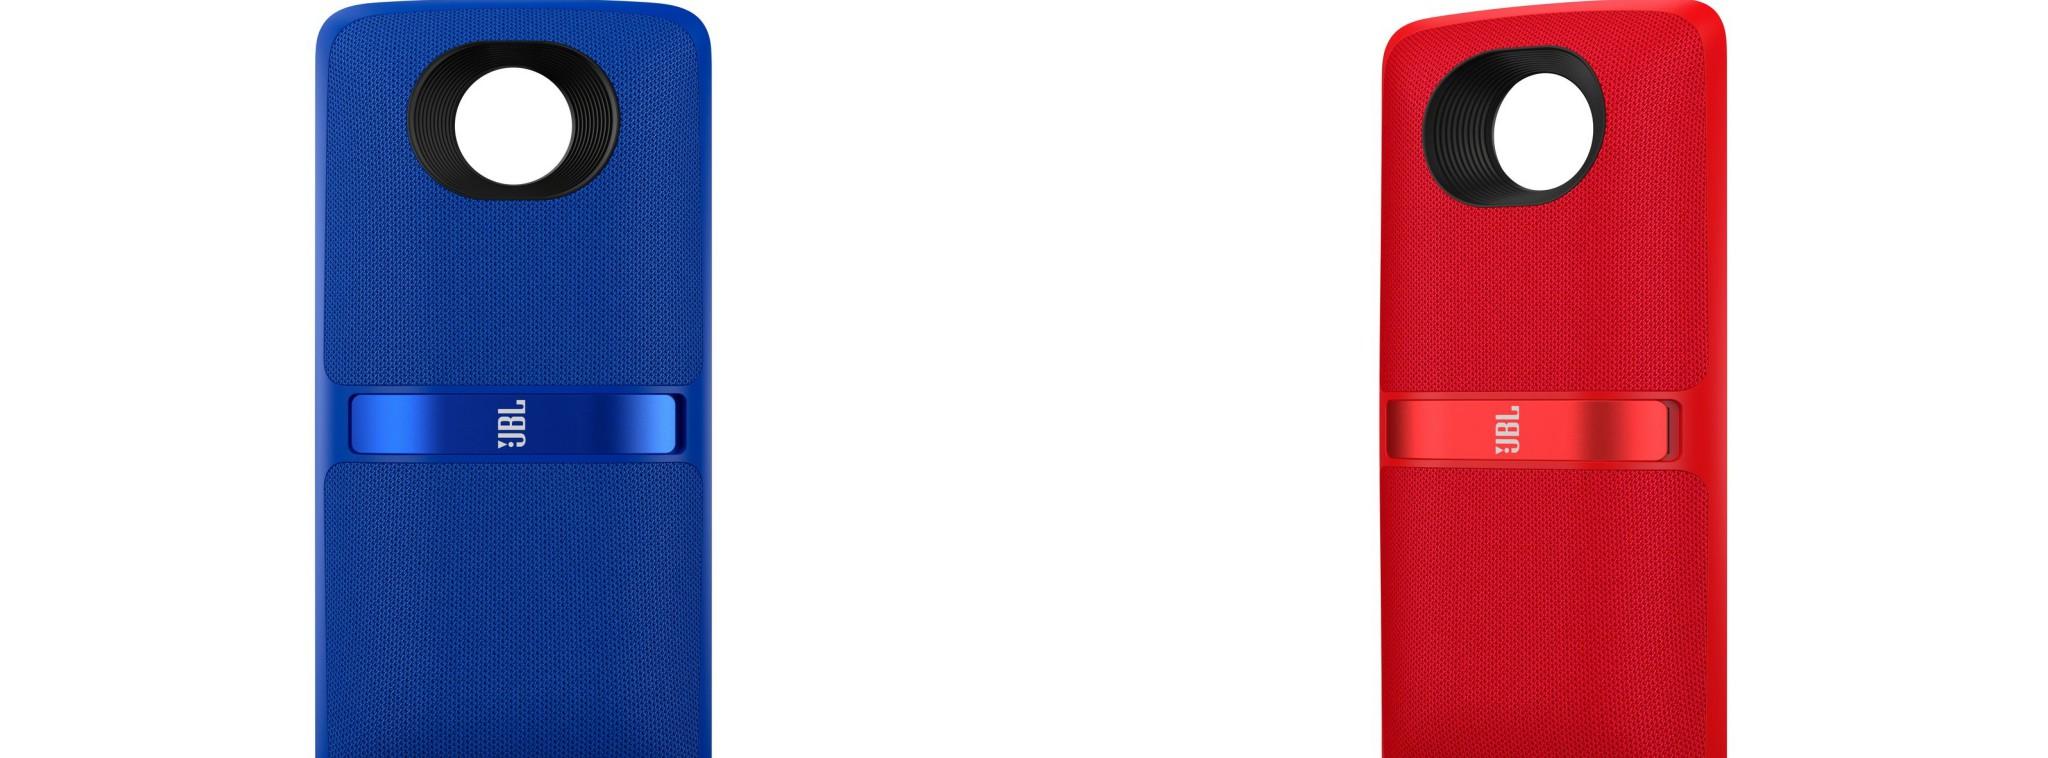 tinhte-Moto Z2 Play-1.jpg